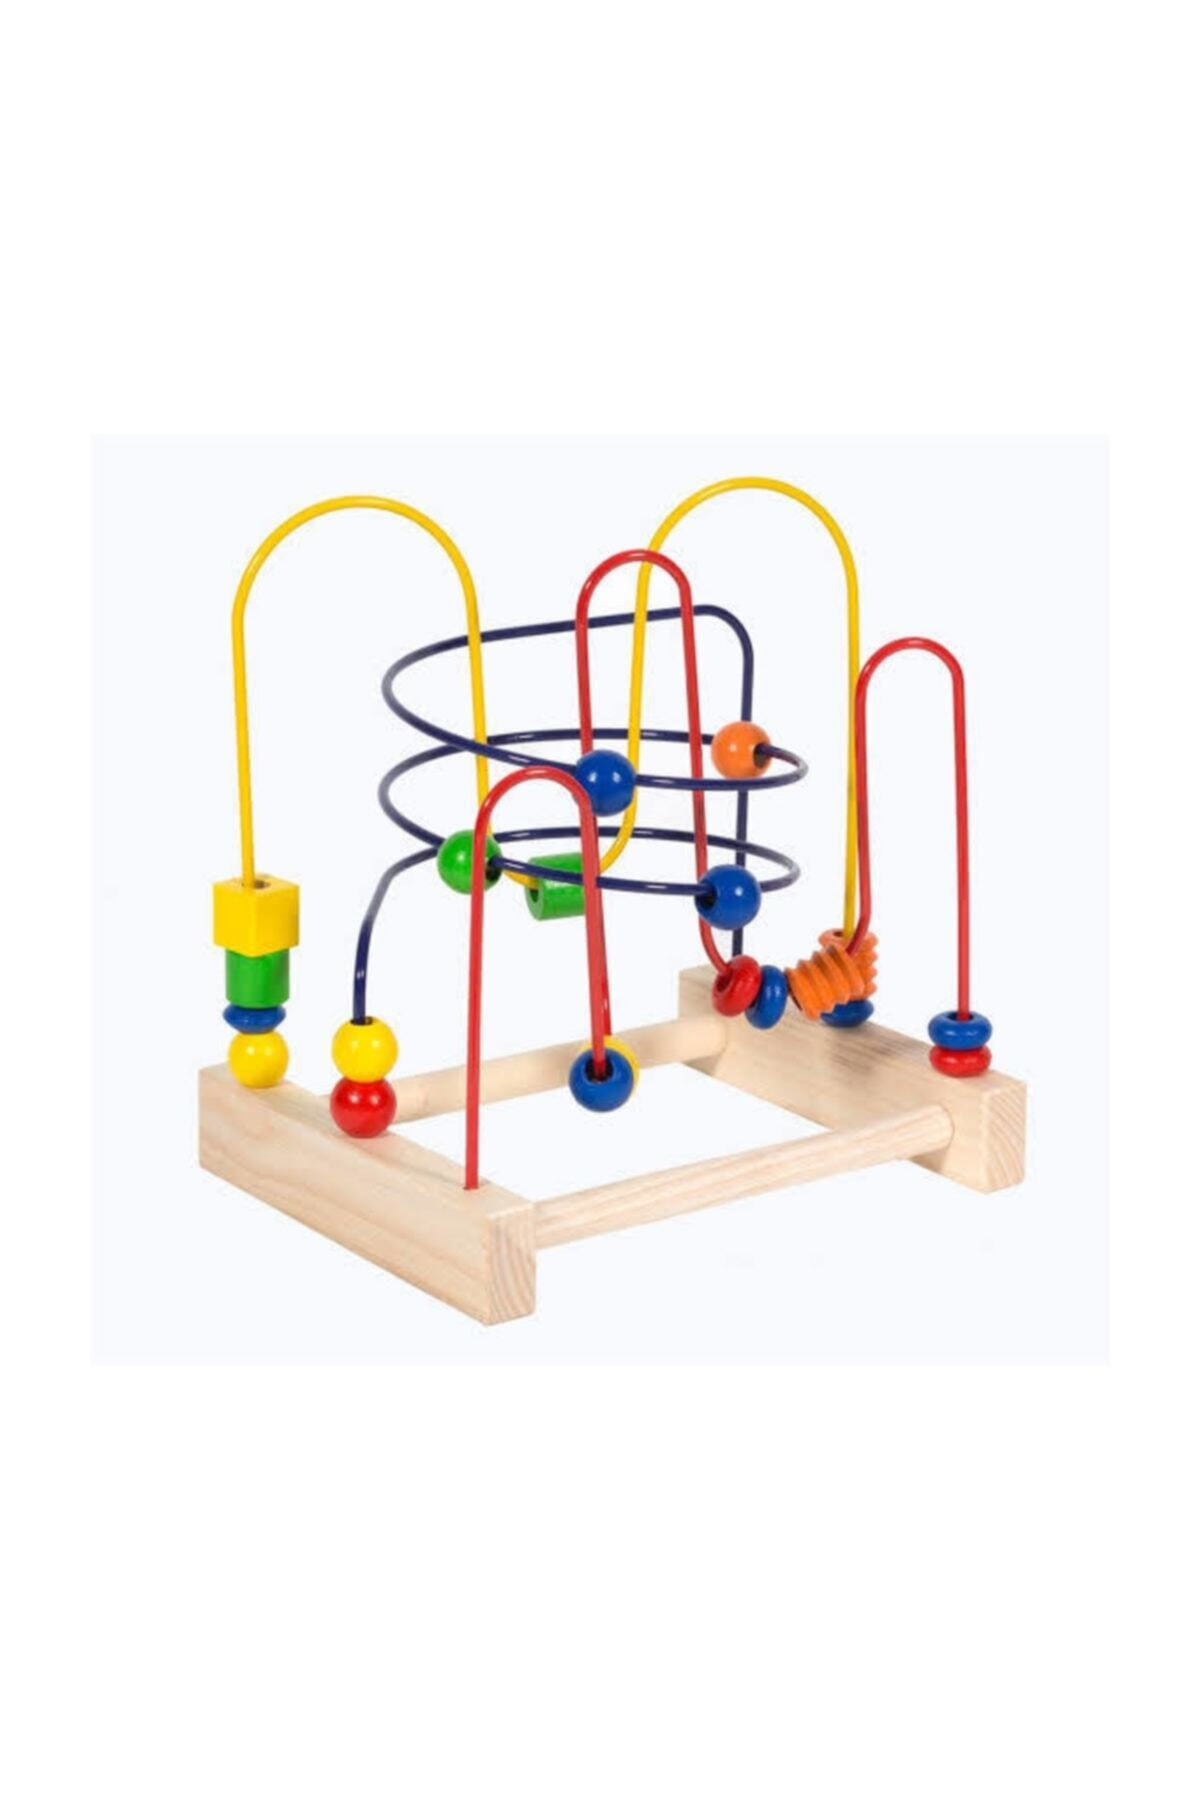 SİNKA Ahşap Koordinasyon Oyunu Helezon Yay Labirent Eğitici Oyuncak 1